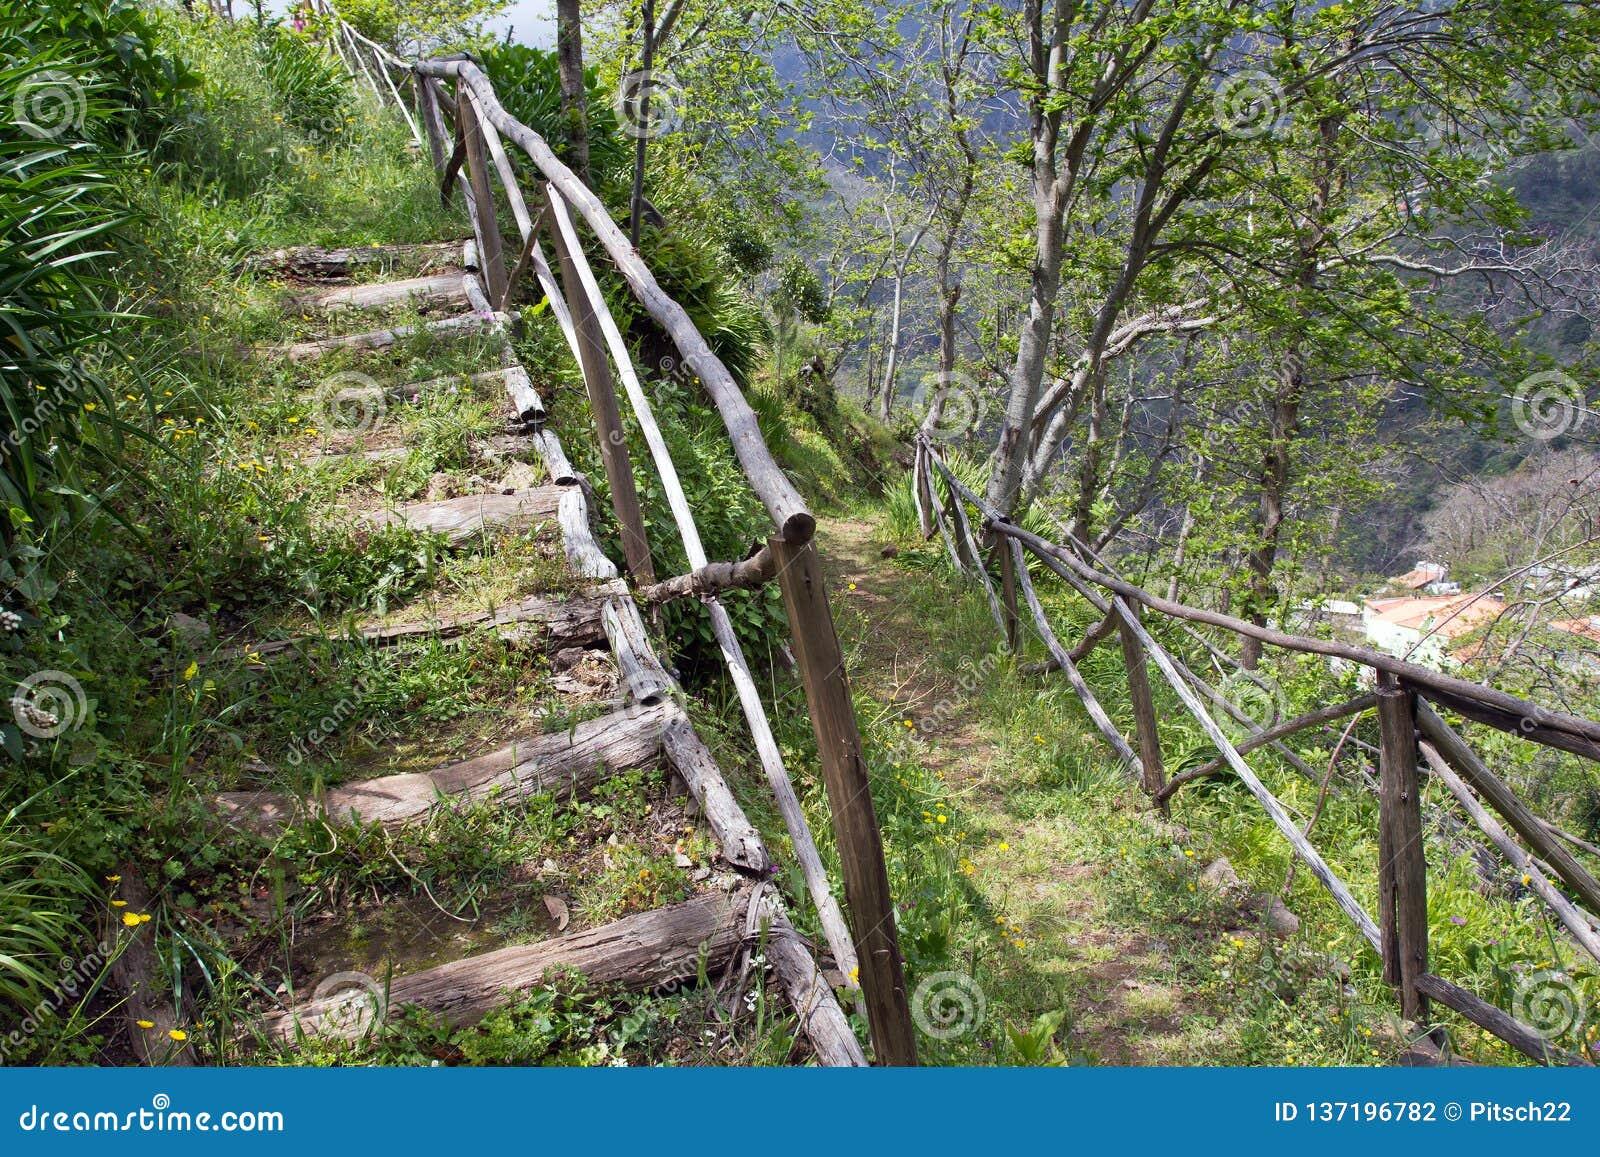 La Madère, vallée des nonnes, Curral DAS Freiras